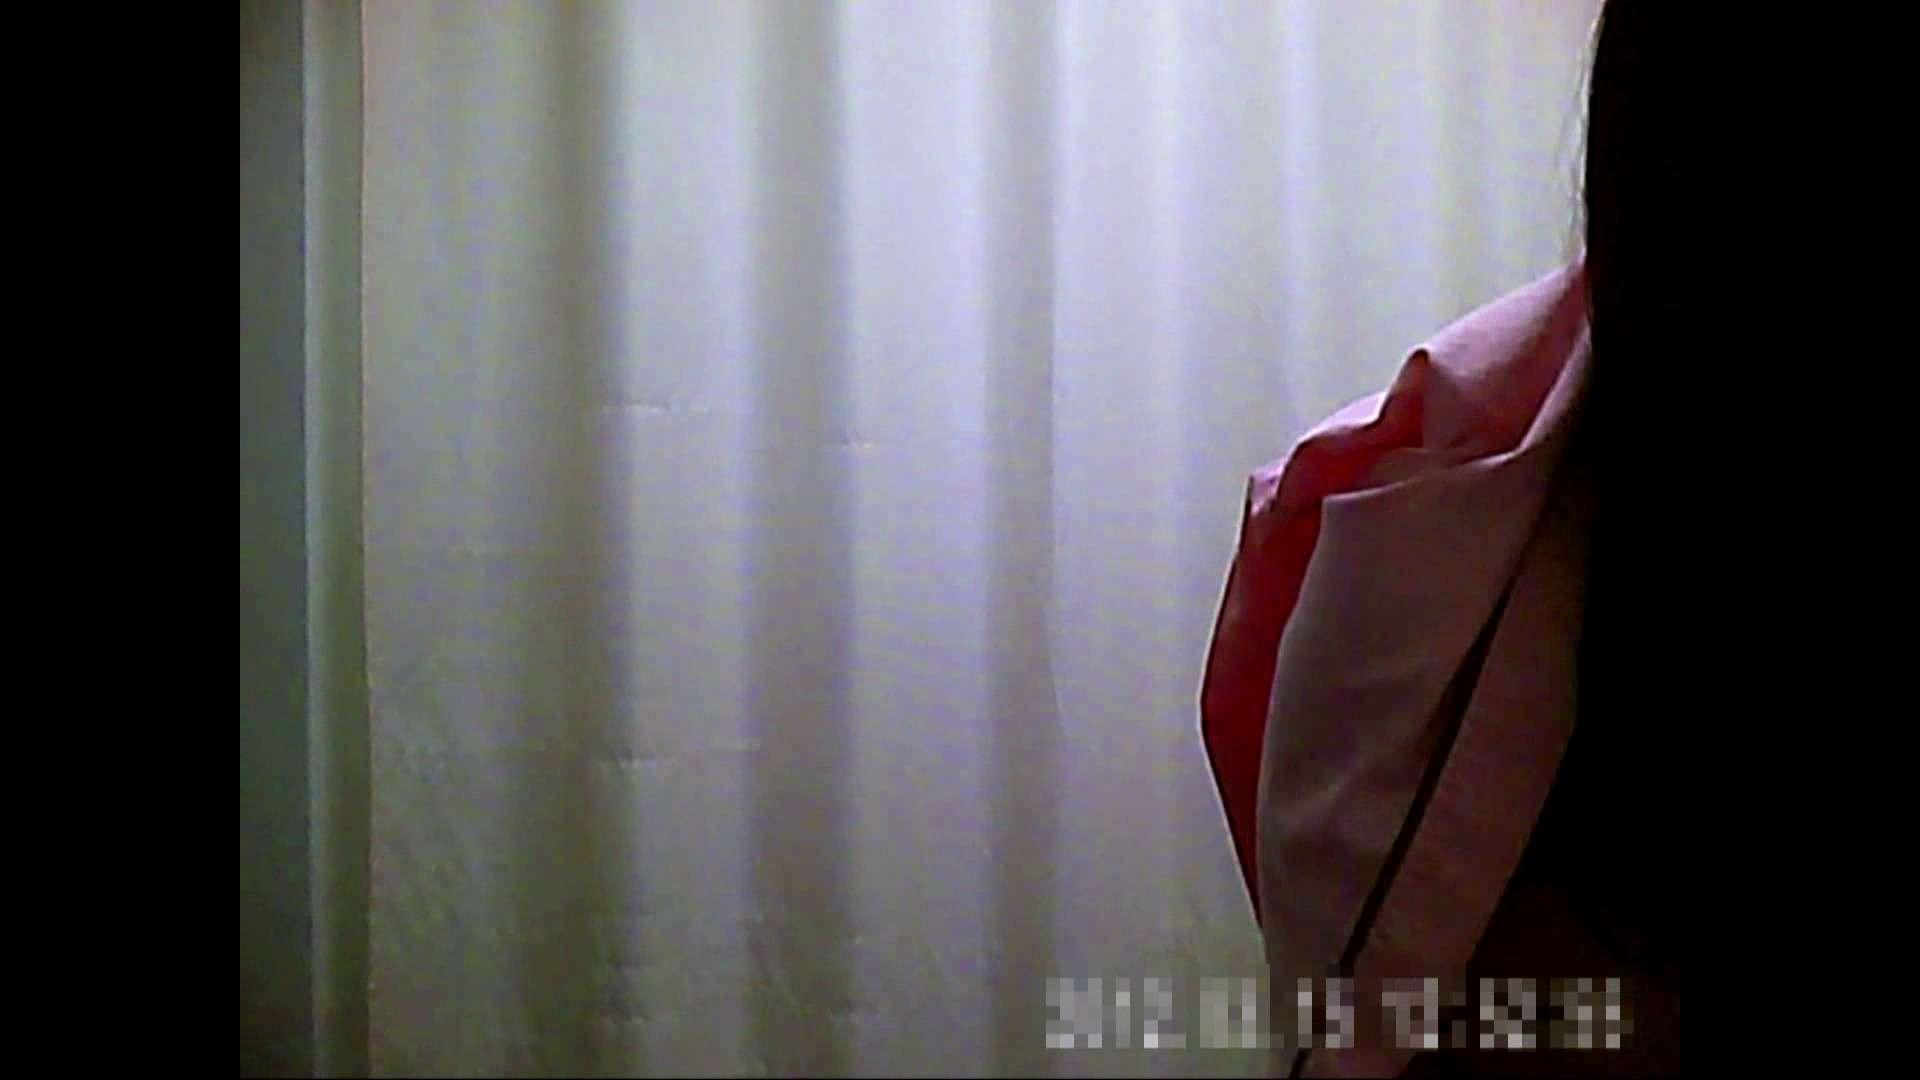 アダルトエロ動画|元医者による反抗 更衣室地獄絵巻 vol.027|怪盗ジョーカー